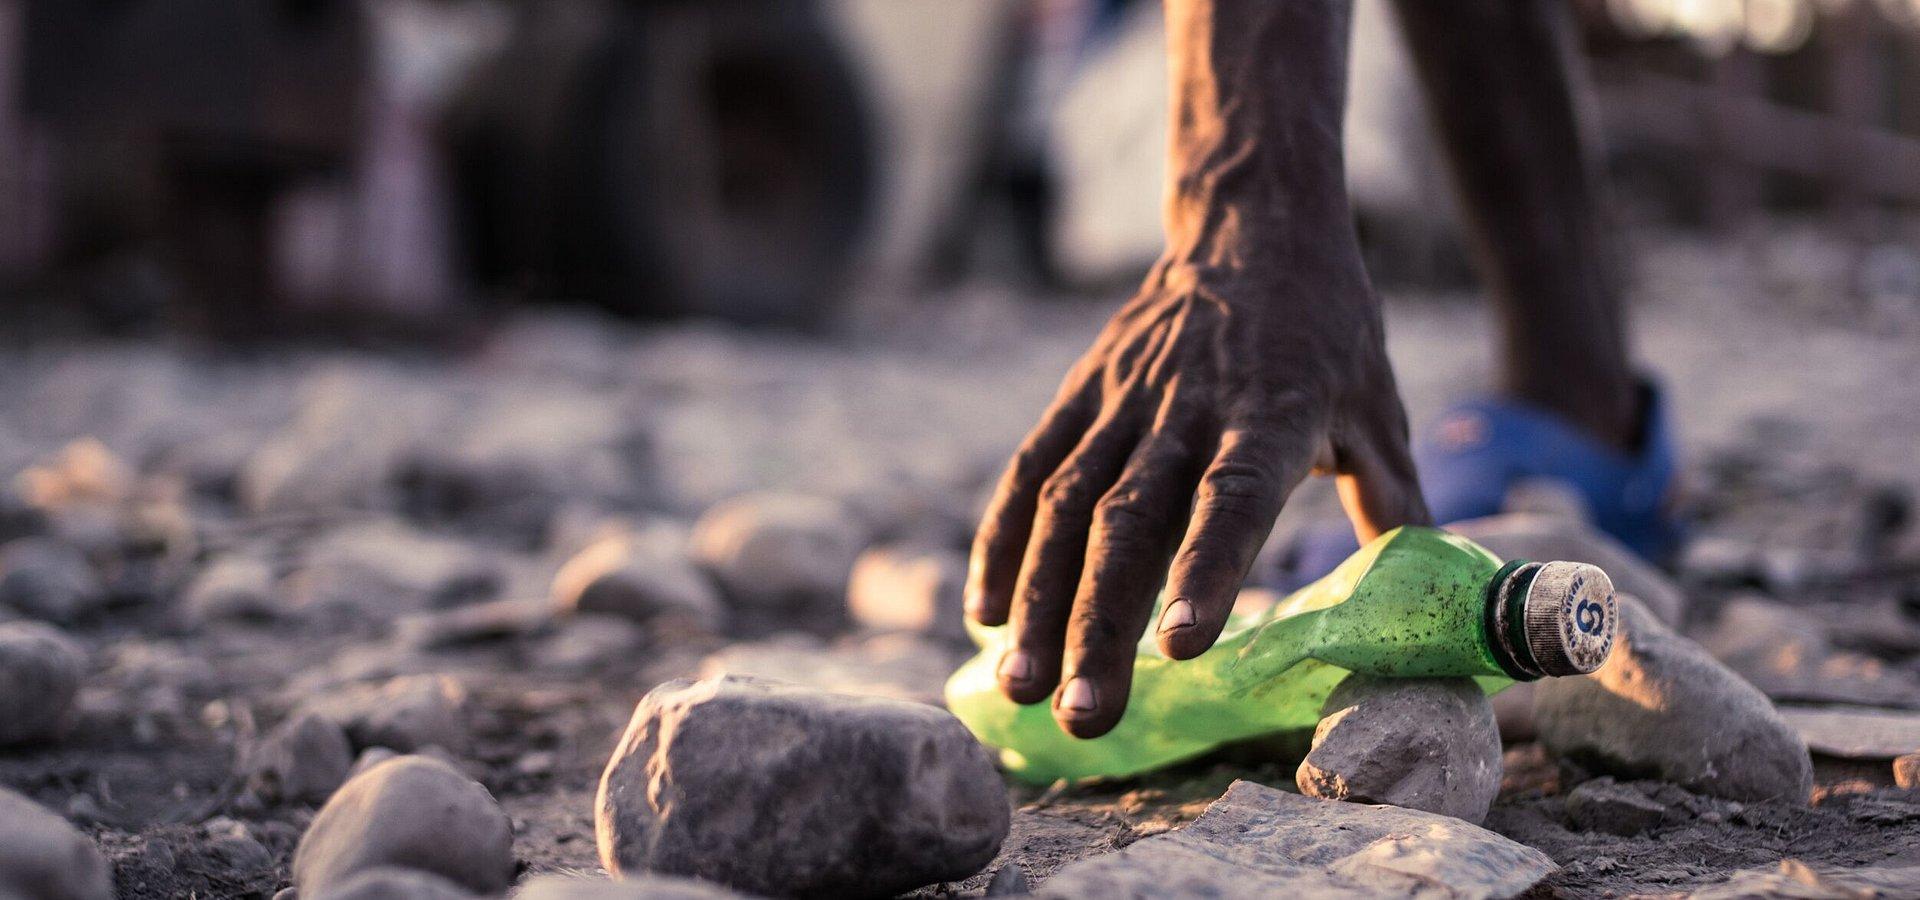 Nowe życie plastiku. PUMA i First Mile zapowiadają kolekcję butów wyprodukowanych z plastikowych butelek z recyklingu